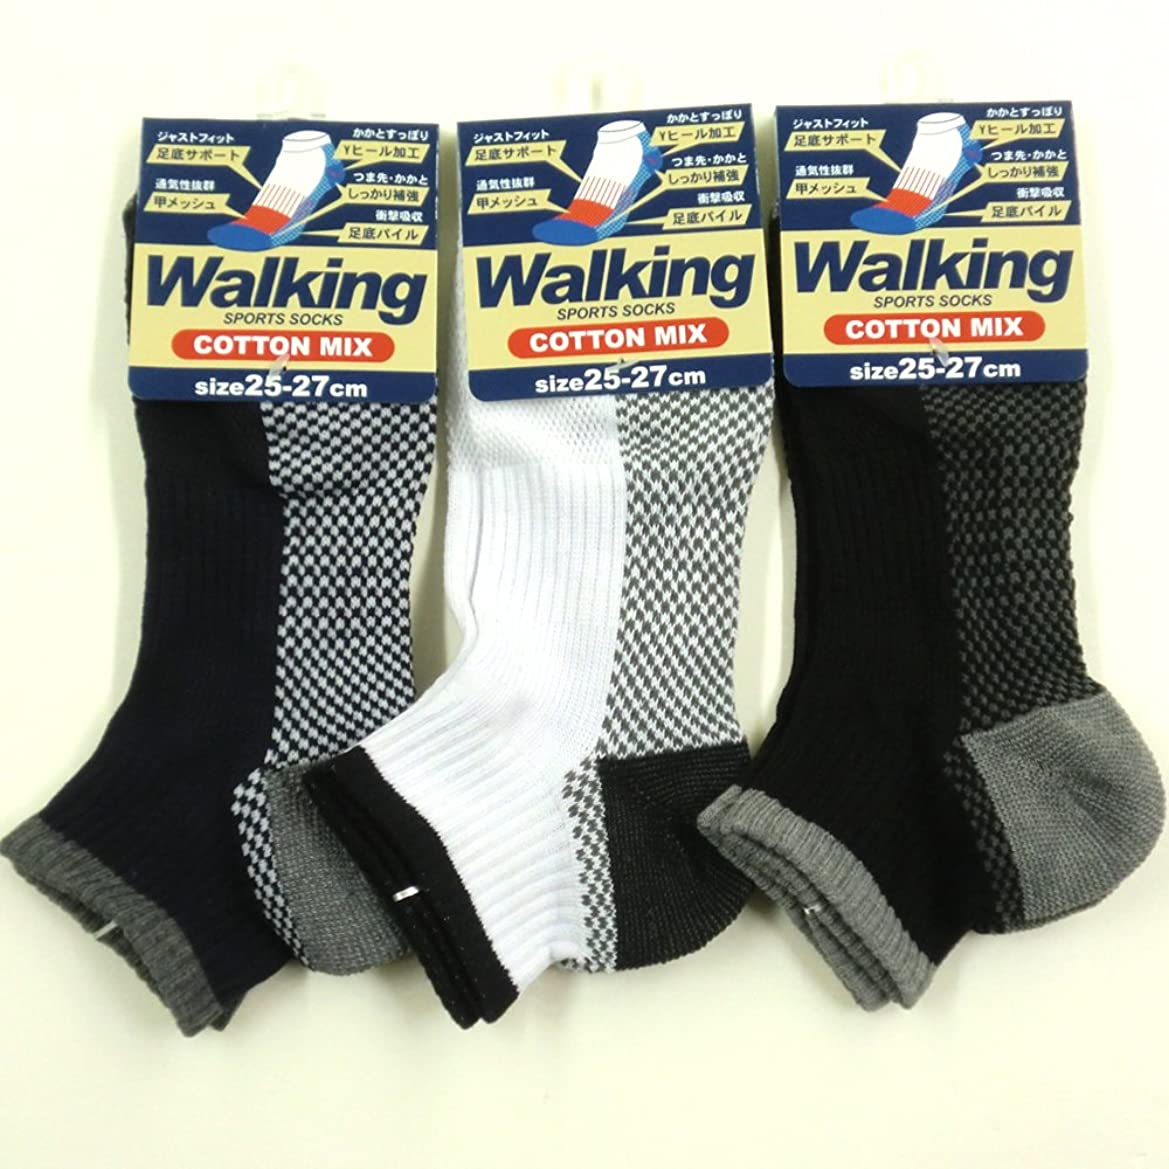 シーケンスお手入れ真剣にスニーカー ソックス メンズ ウォーキング 靴下 綿混 足底パイル 25-27cm 3足セット